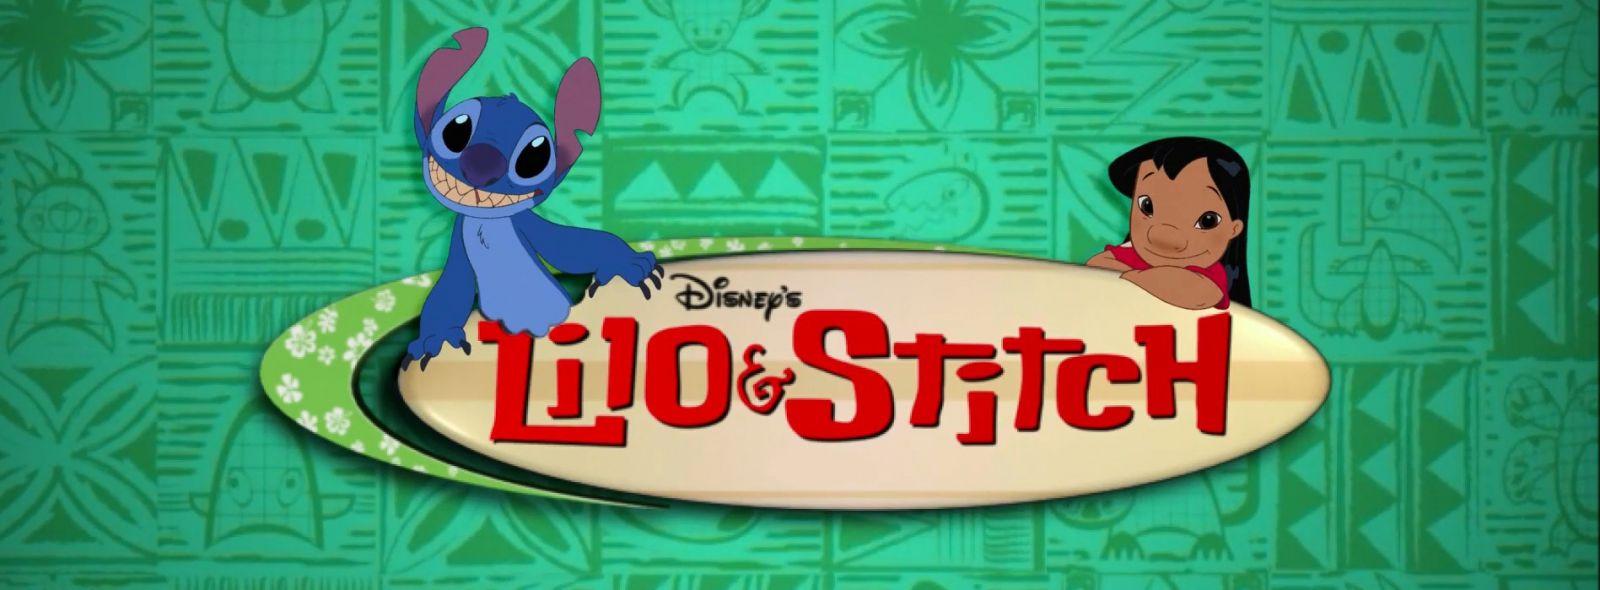 Lilo Et Stitch - La Série © Lilo & Stitch encequiconcerne Lilo Et Stitch Dessin Animé